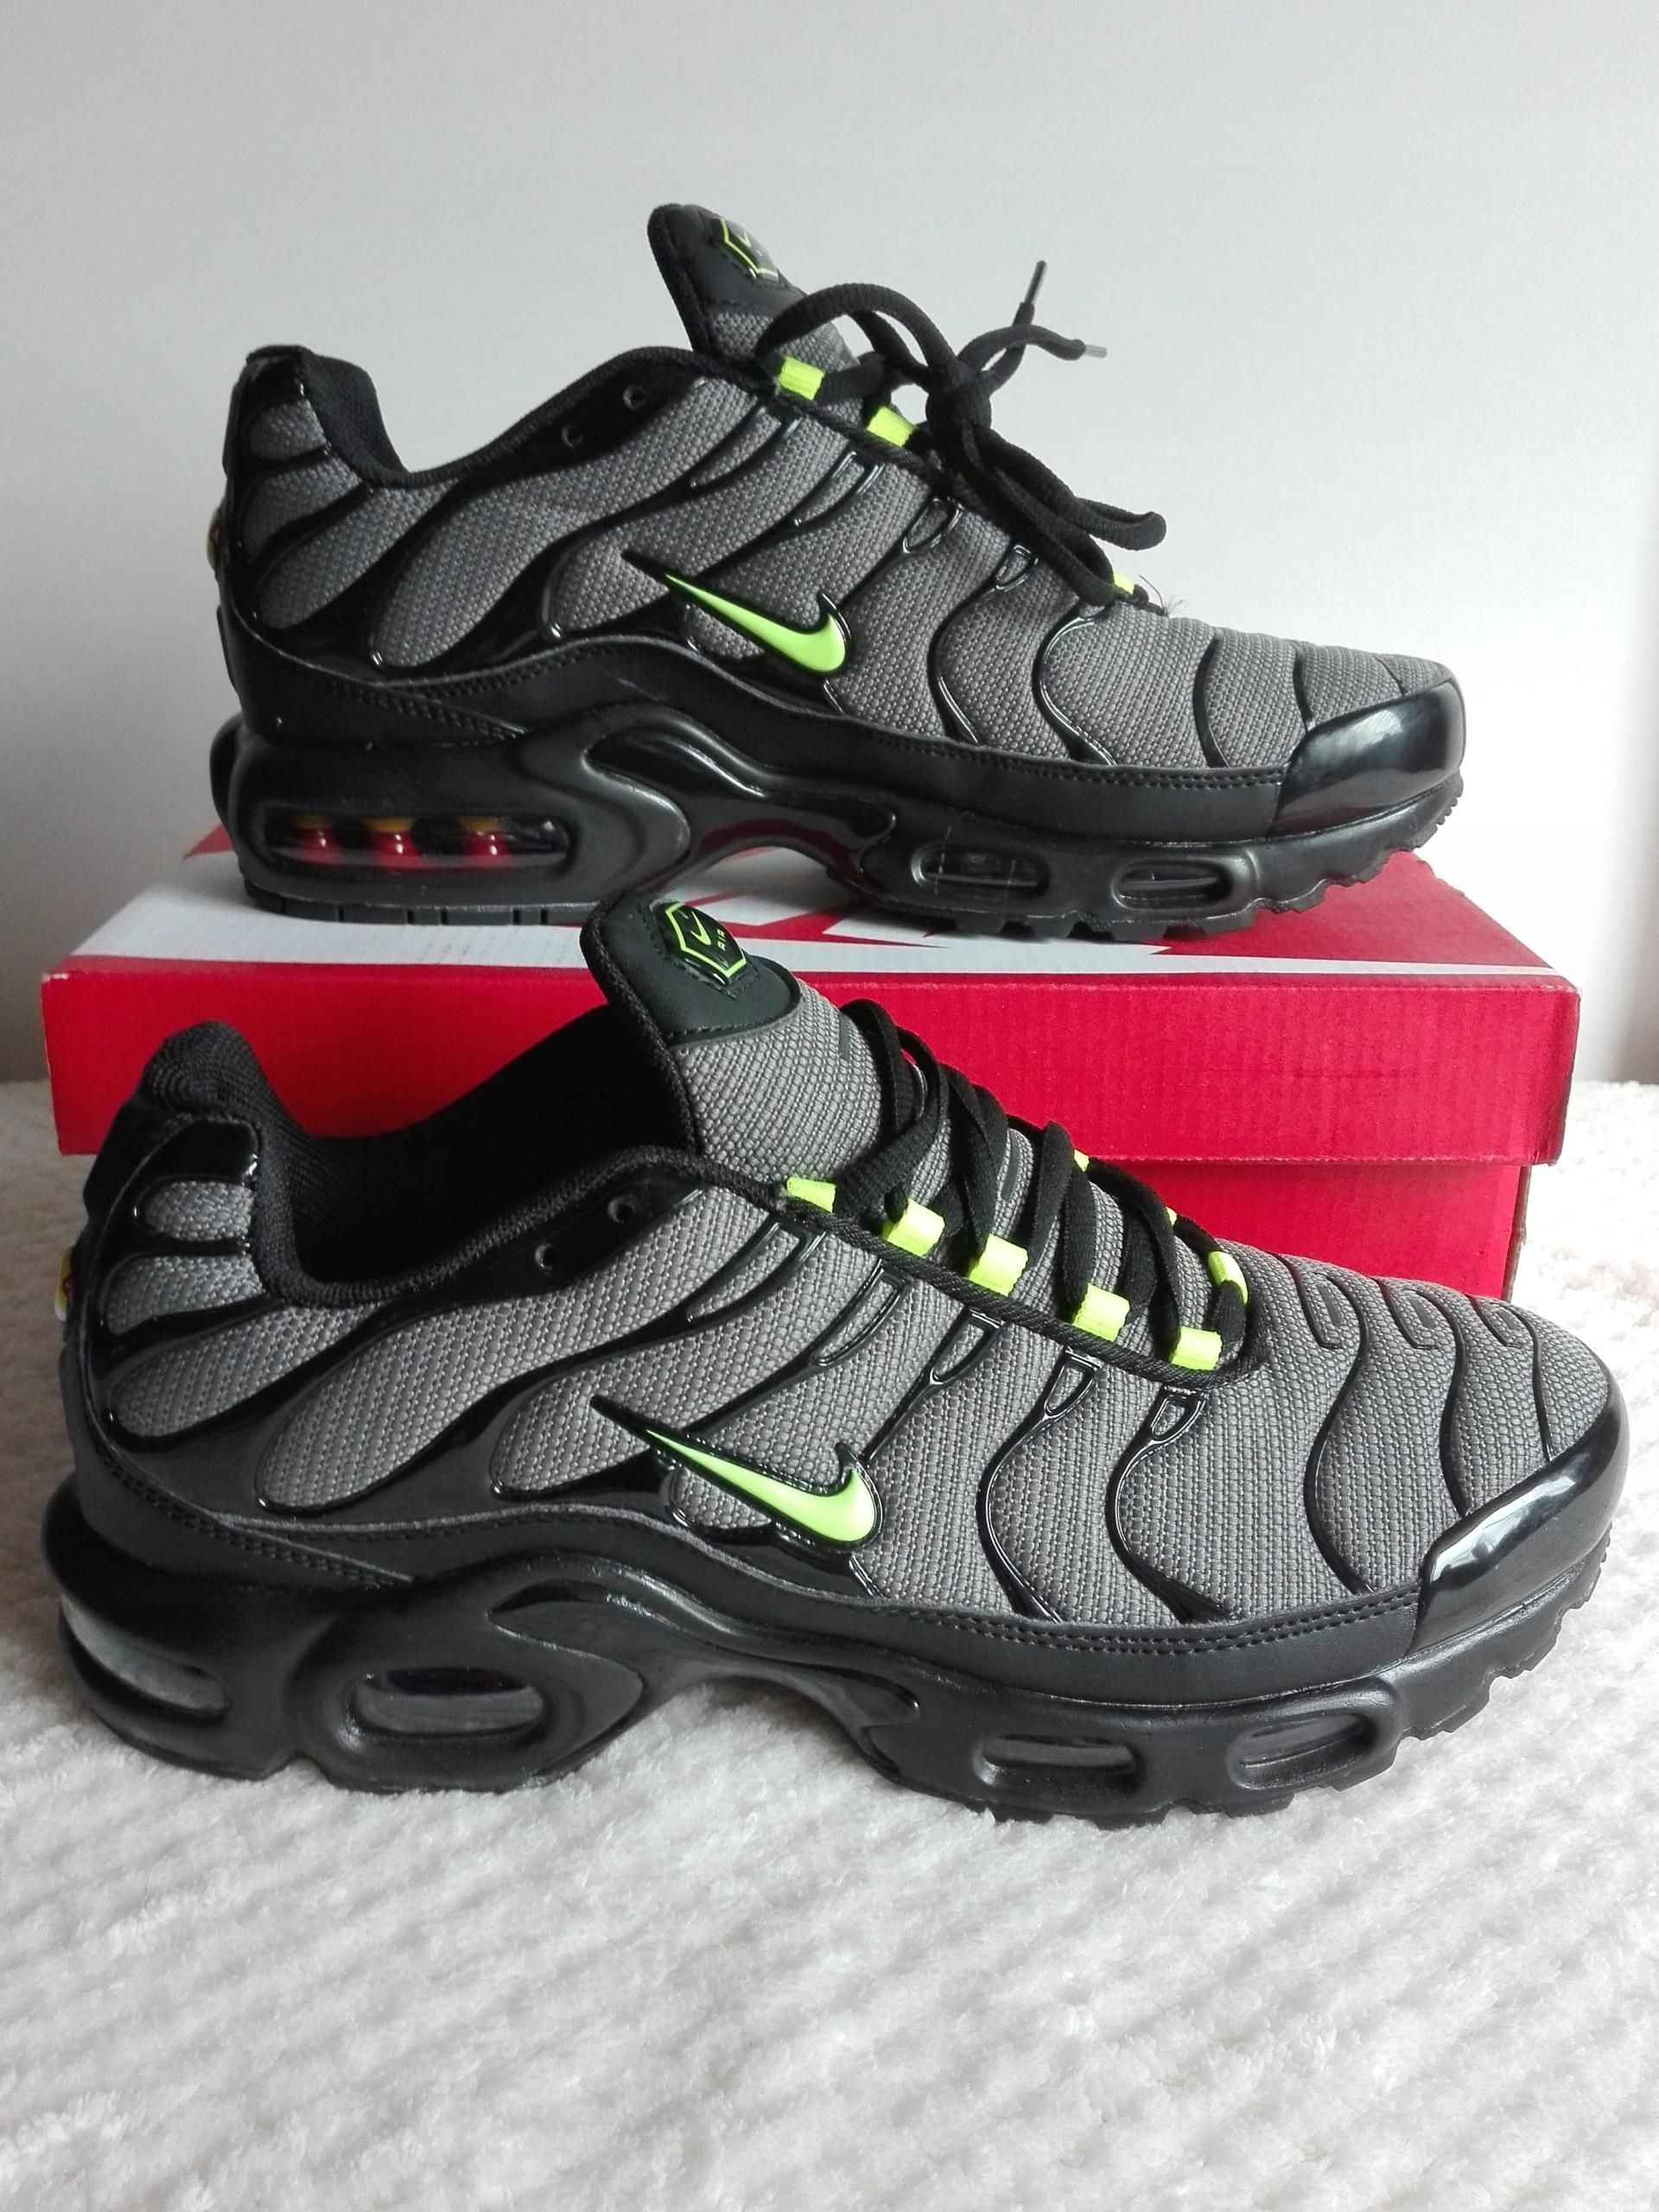 7e9b047d Buty męskie Air max Plus Tn Ultra Nike - 7657868031 - oficjalne ...